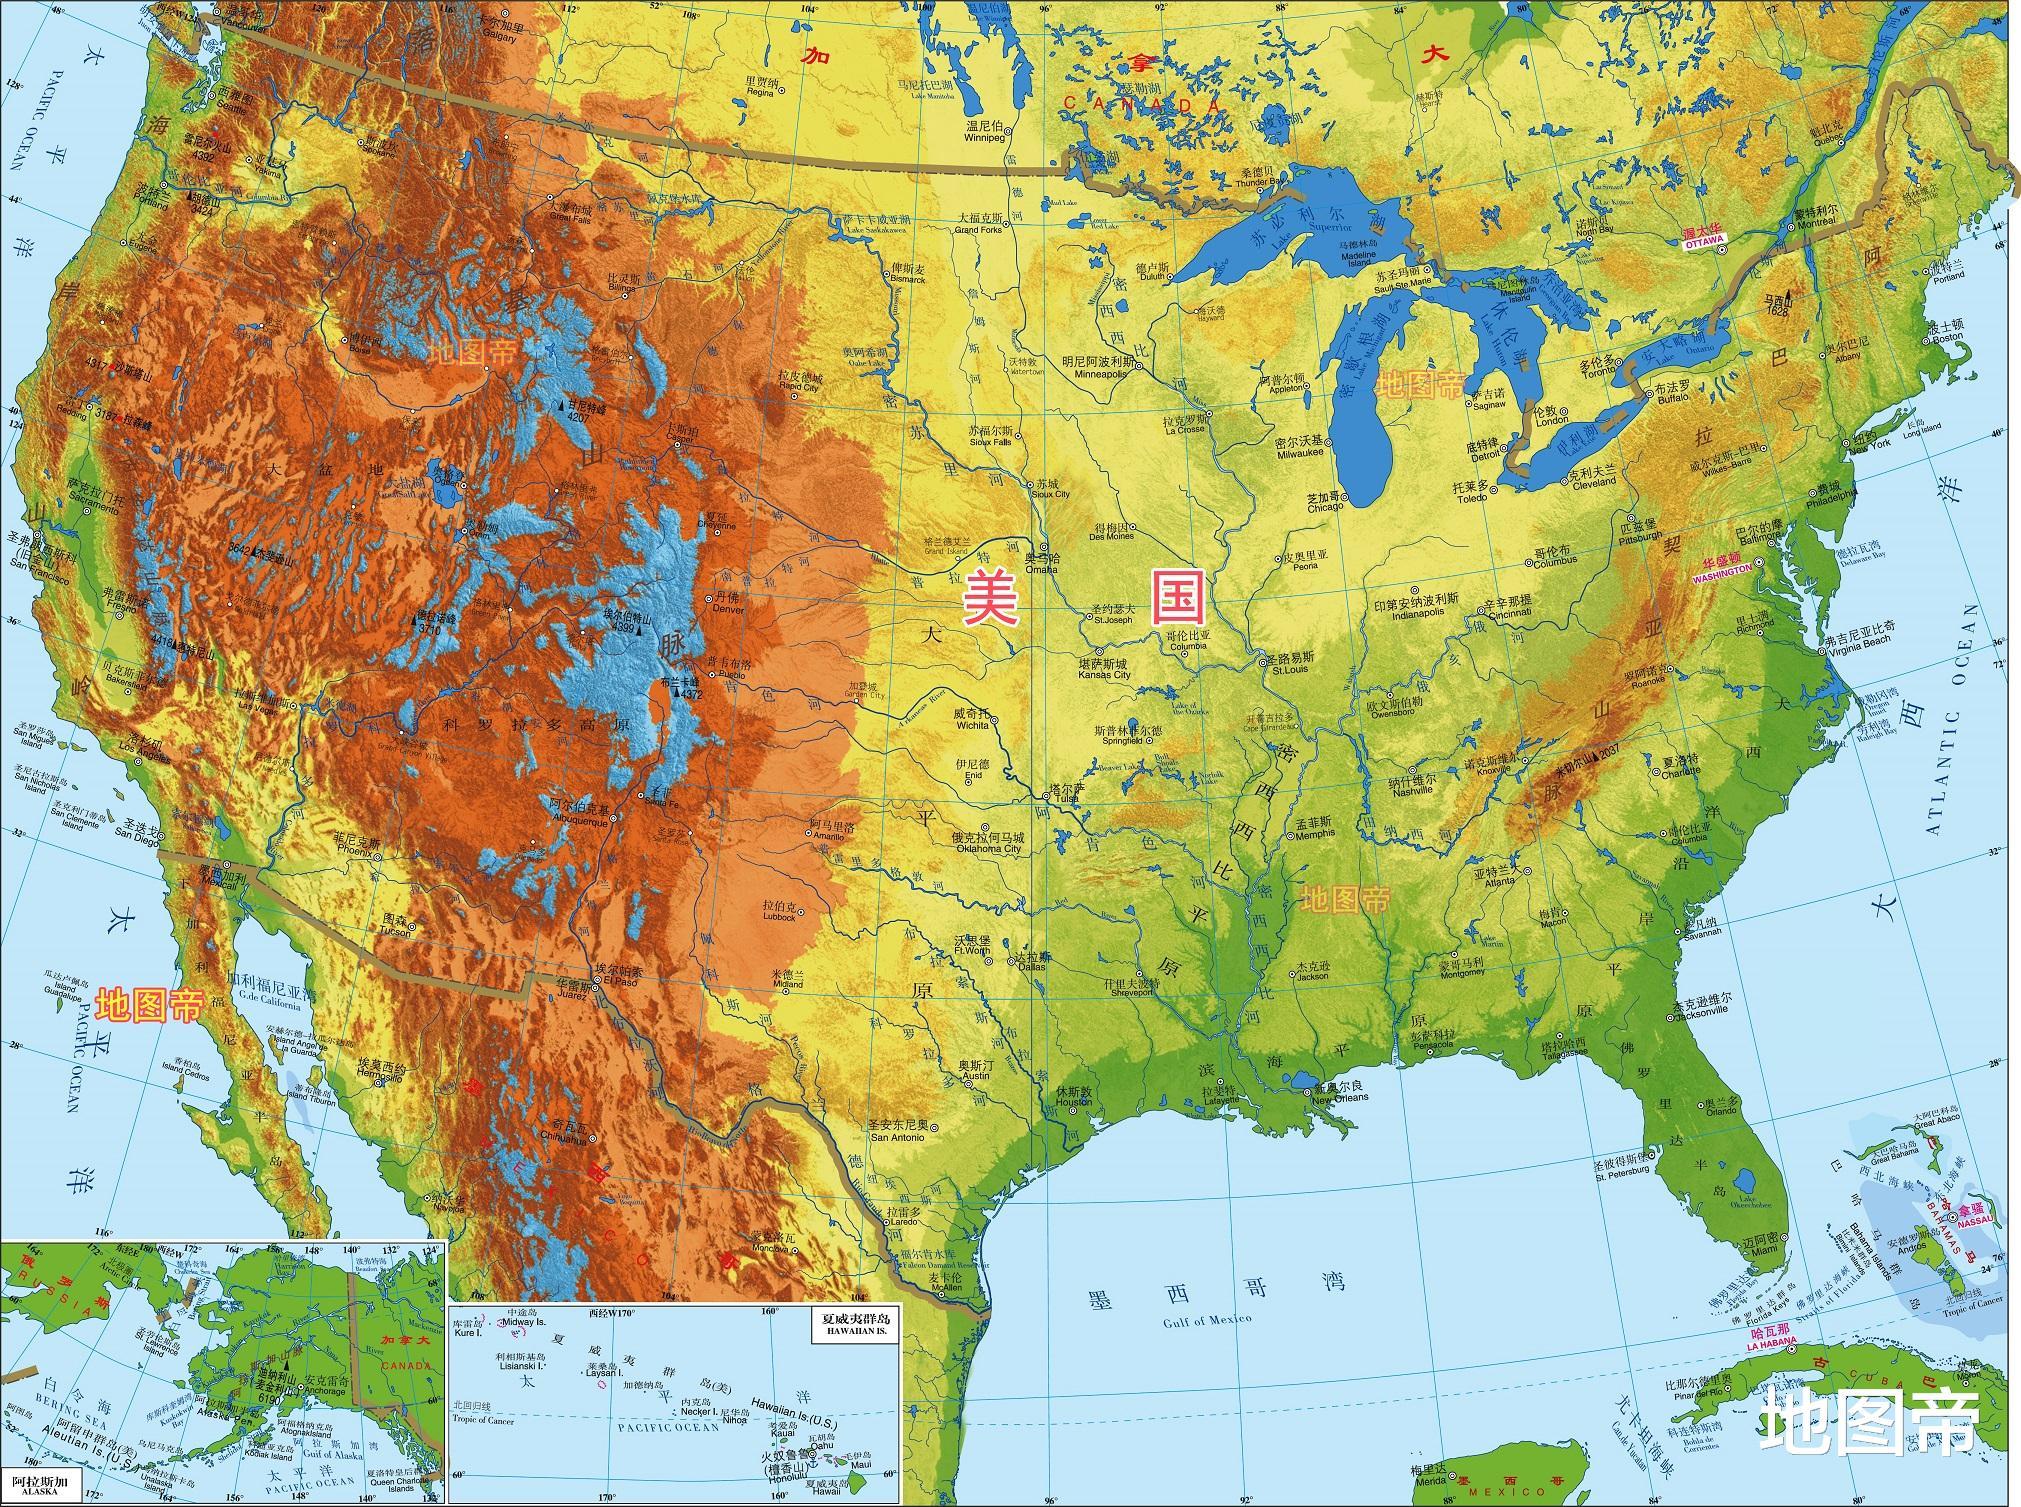 美國東西平衡發展, 俄羅斯為何不搞東部大開發?-圖1